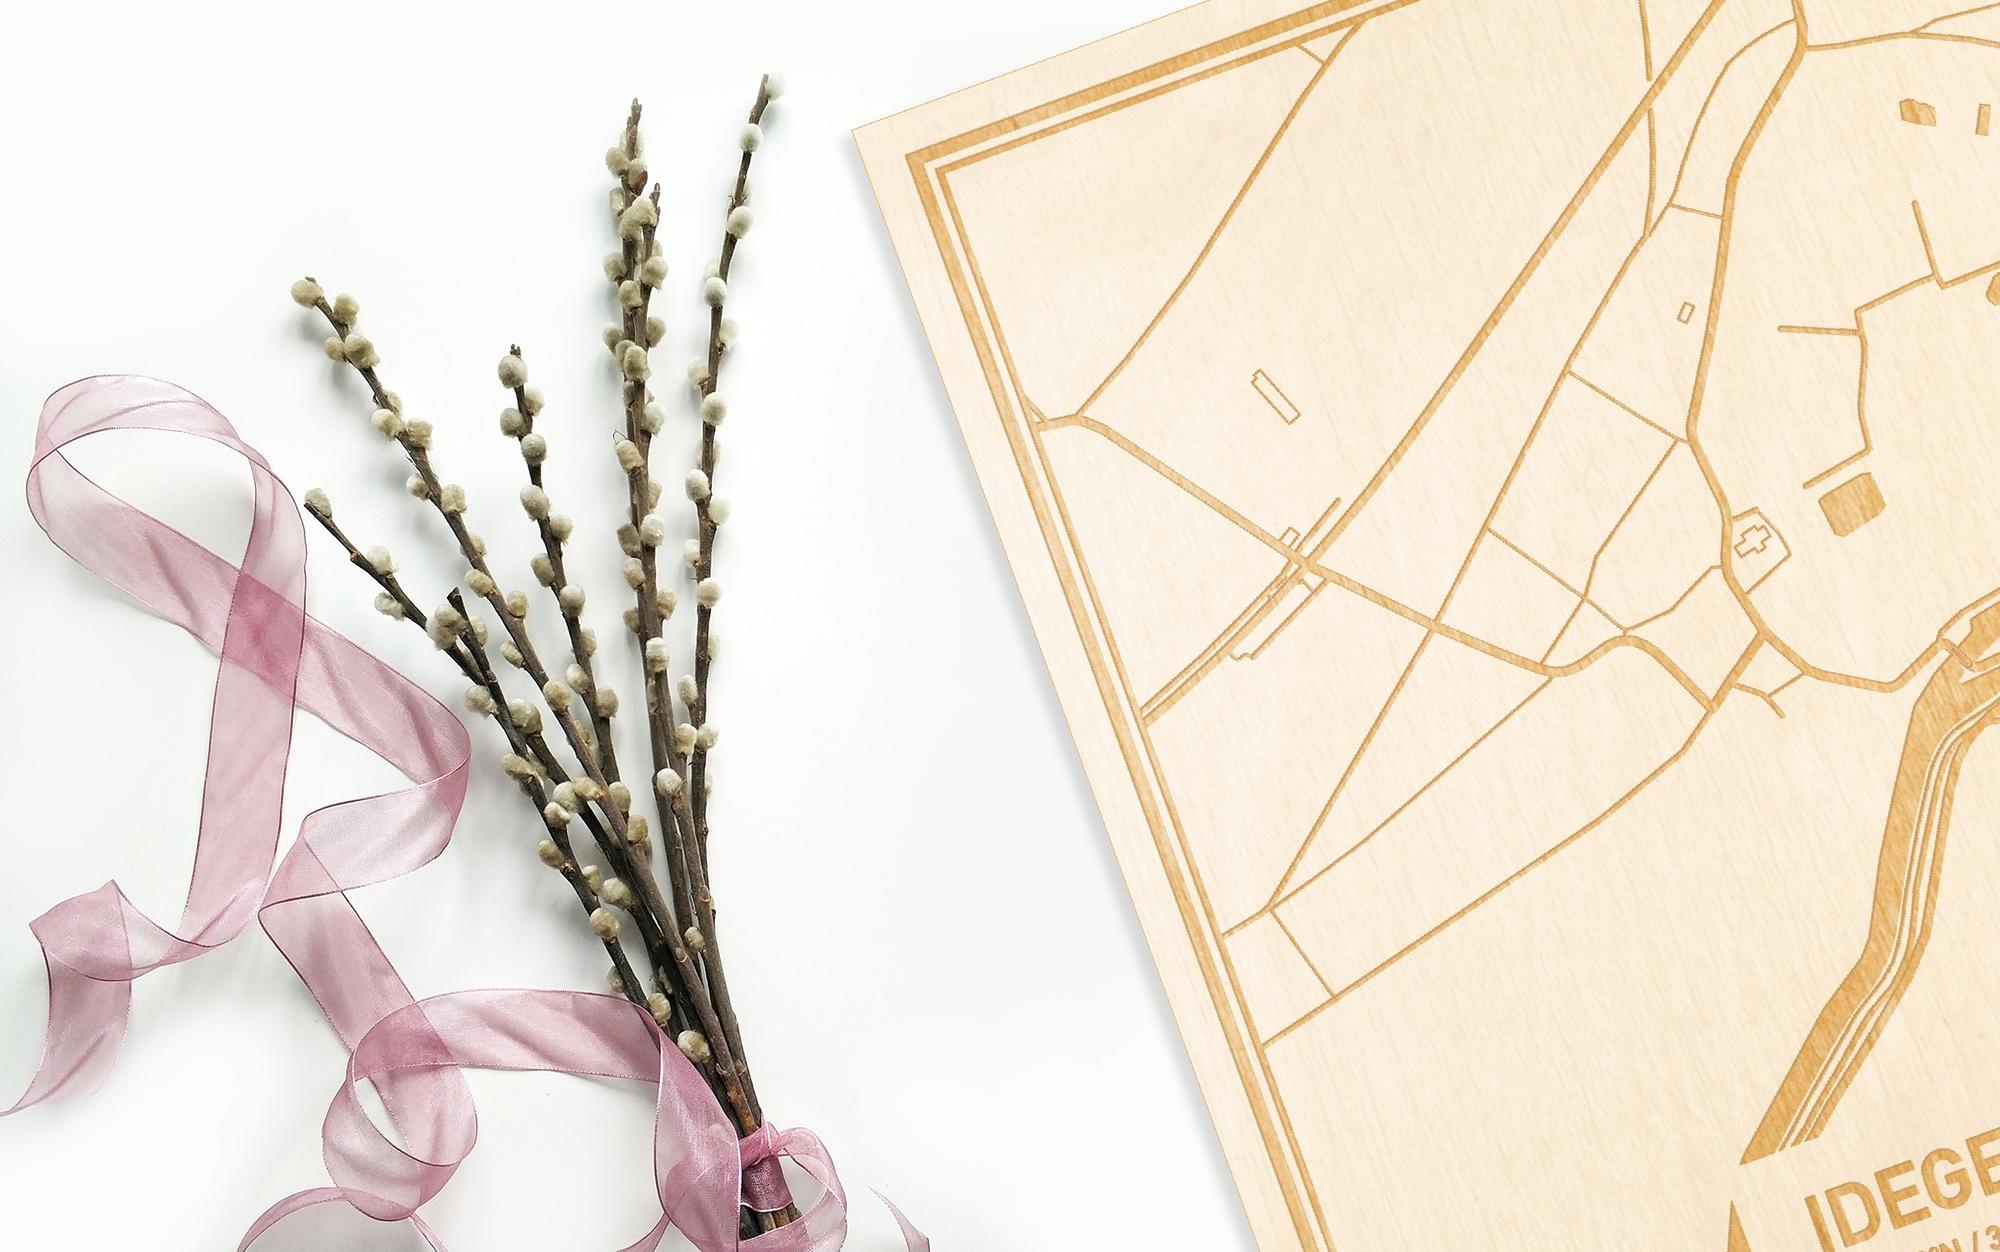 Hier ligt de houten plattegrond Idegem naast een bloemetje als gepersonaliseerd cadeau voor haar.